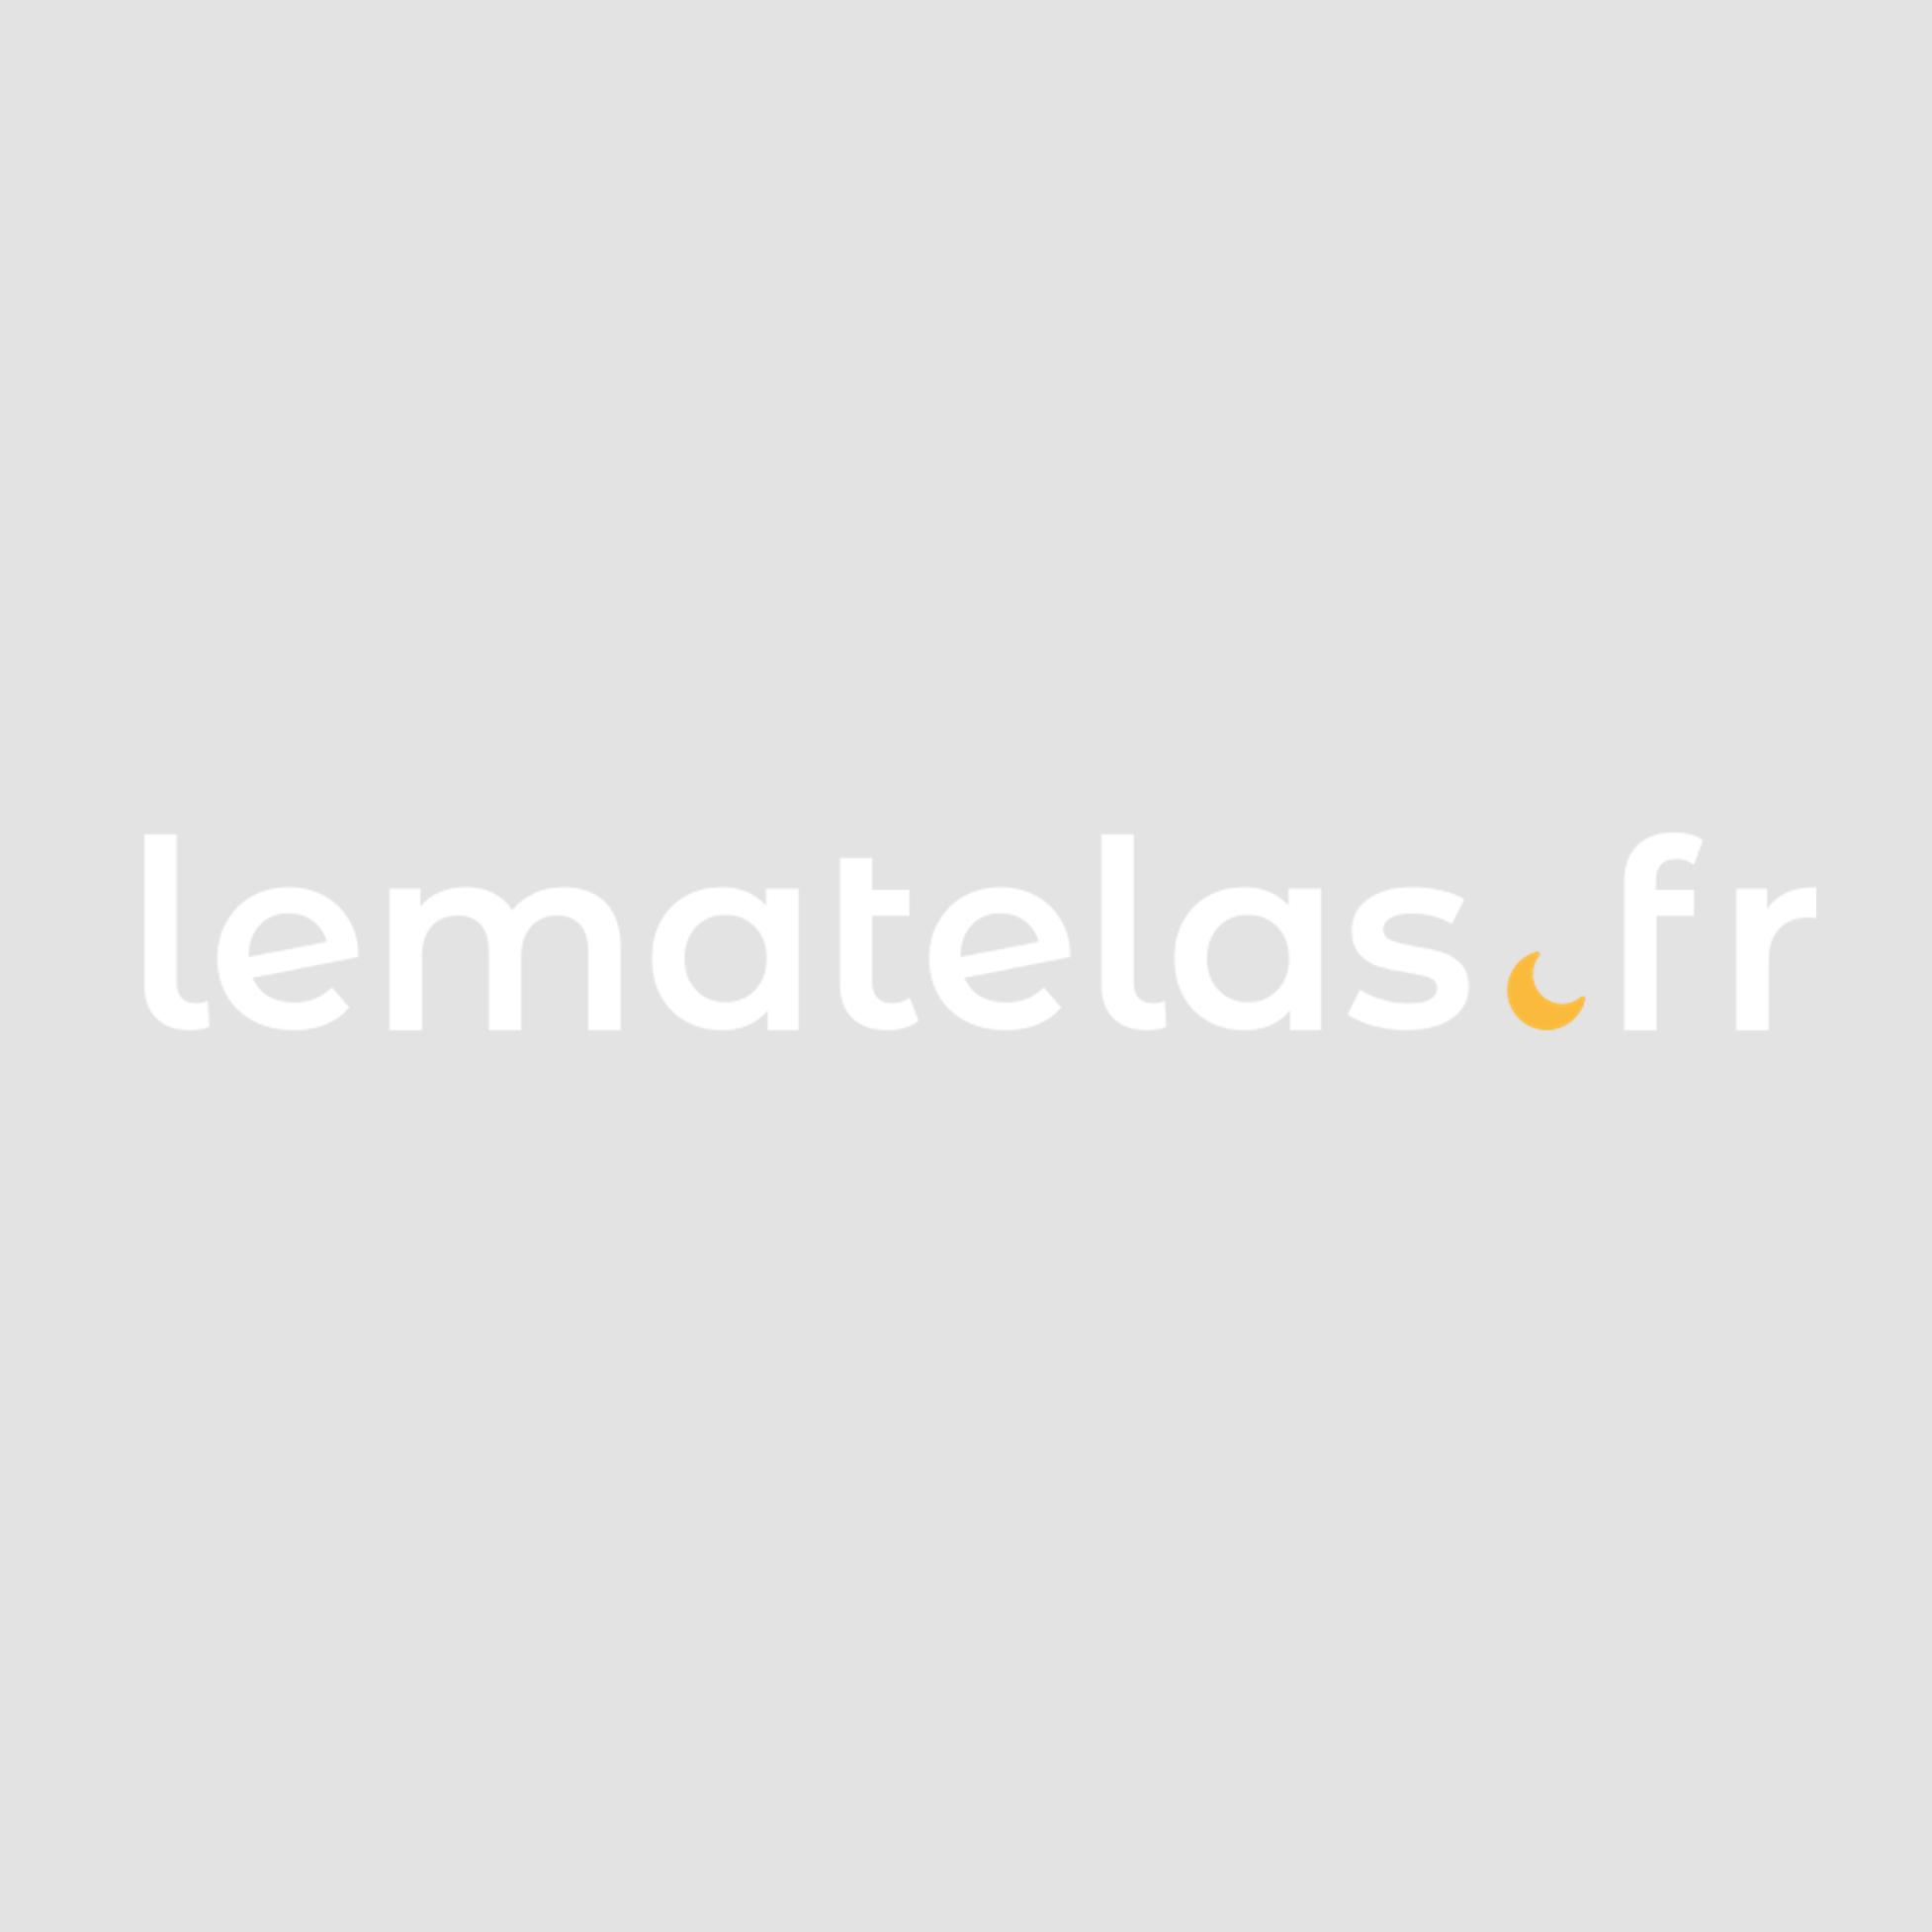 Couette bicolore bleu marine-gris très chaude 600g - Hôtellerie